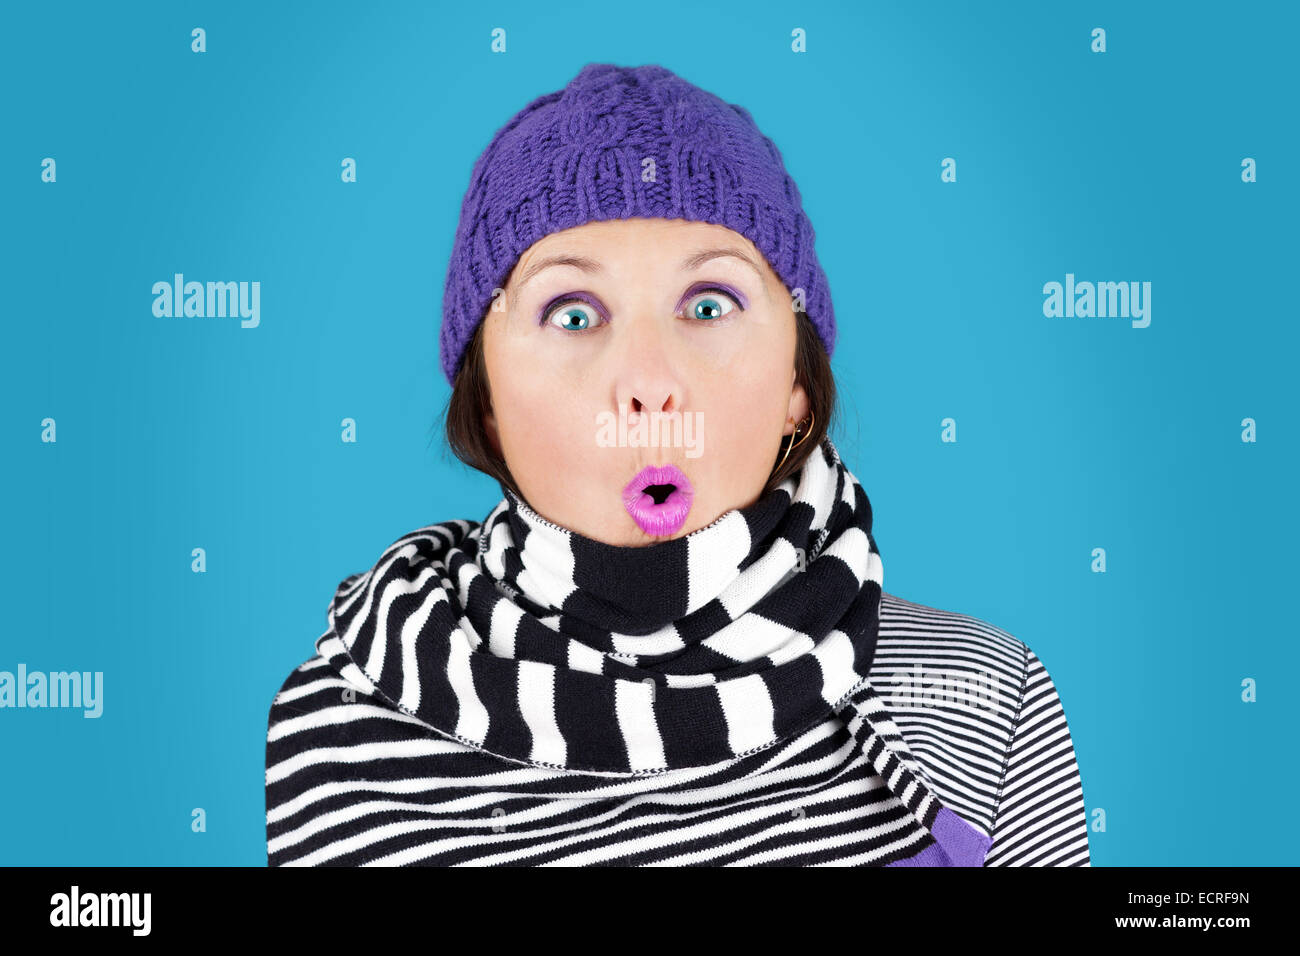 Funny sorpresi di fronte donna con cappello di lana e la striscia in bianco  e nero sciarpa  divertente concetto di inverno 5b928b4a919c